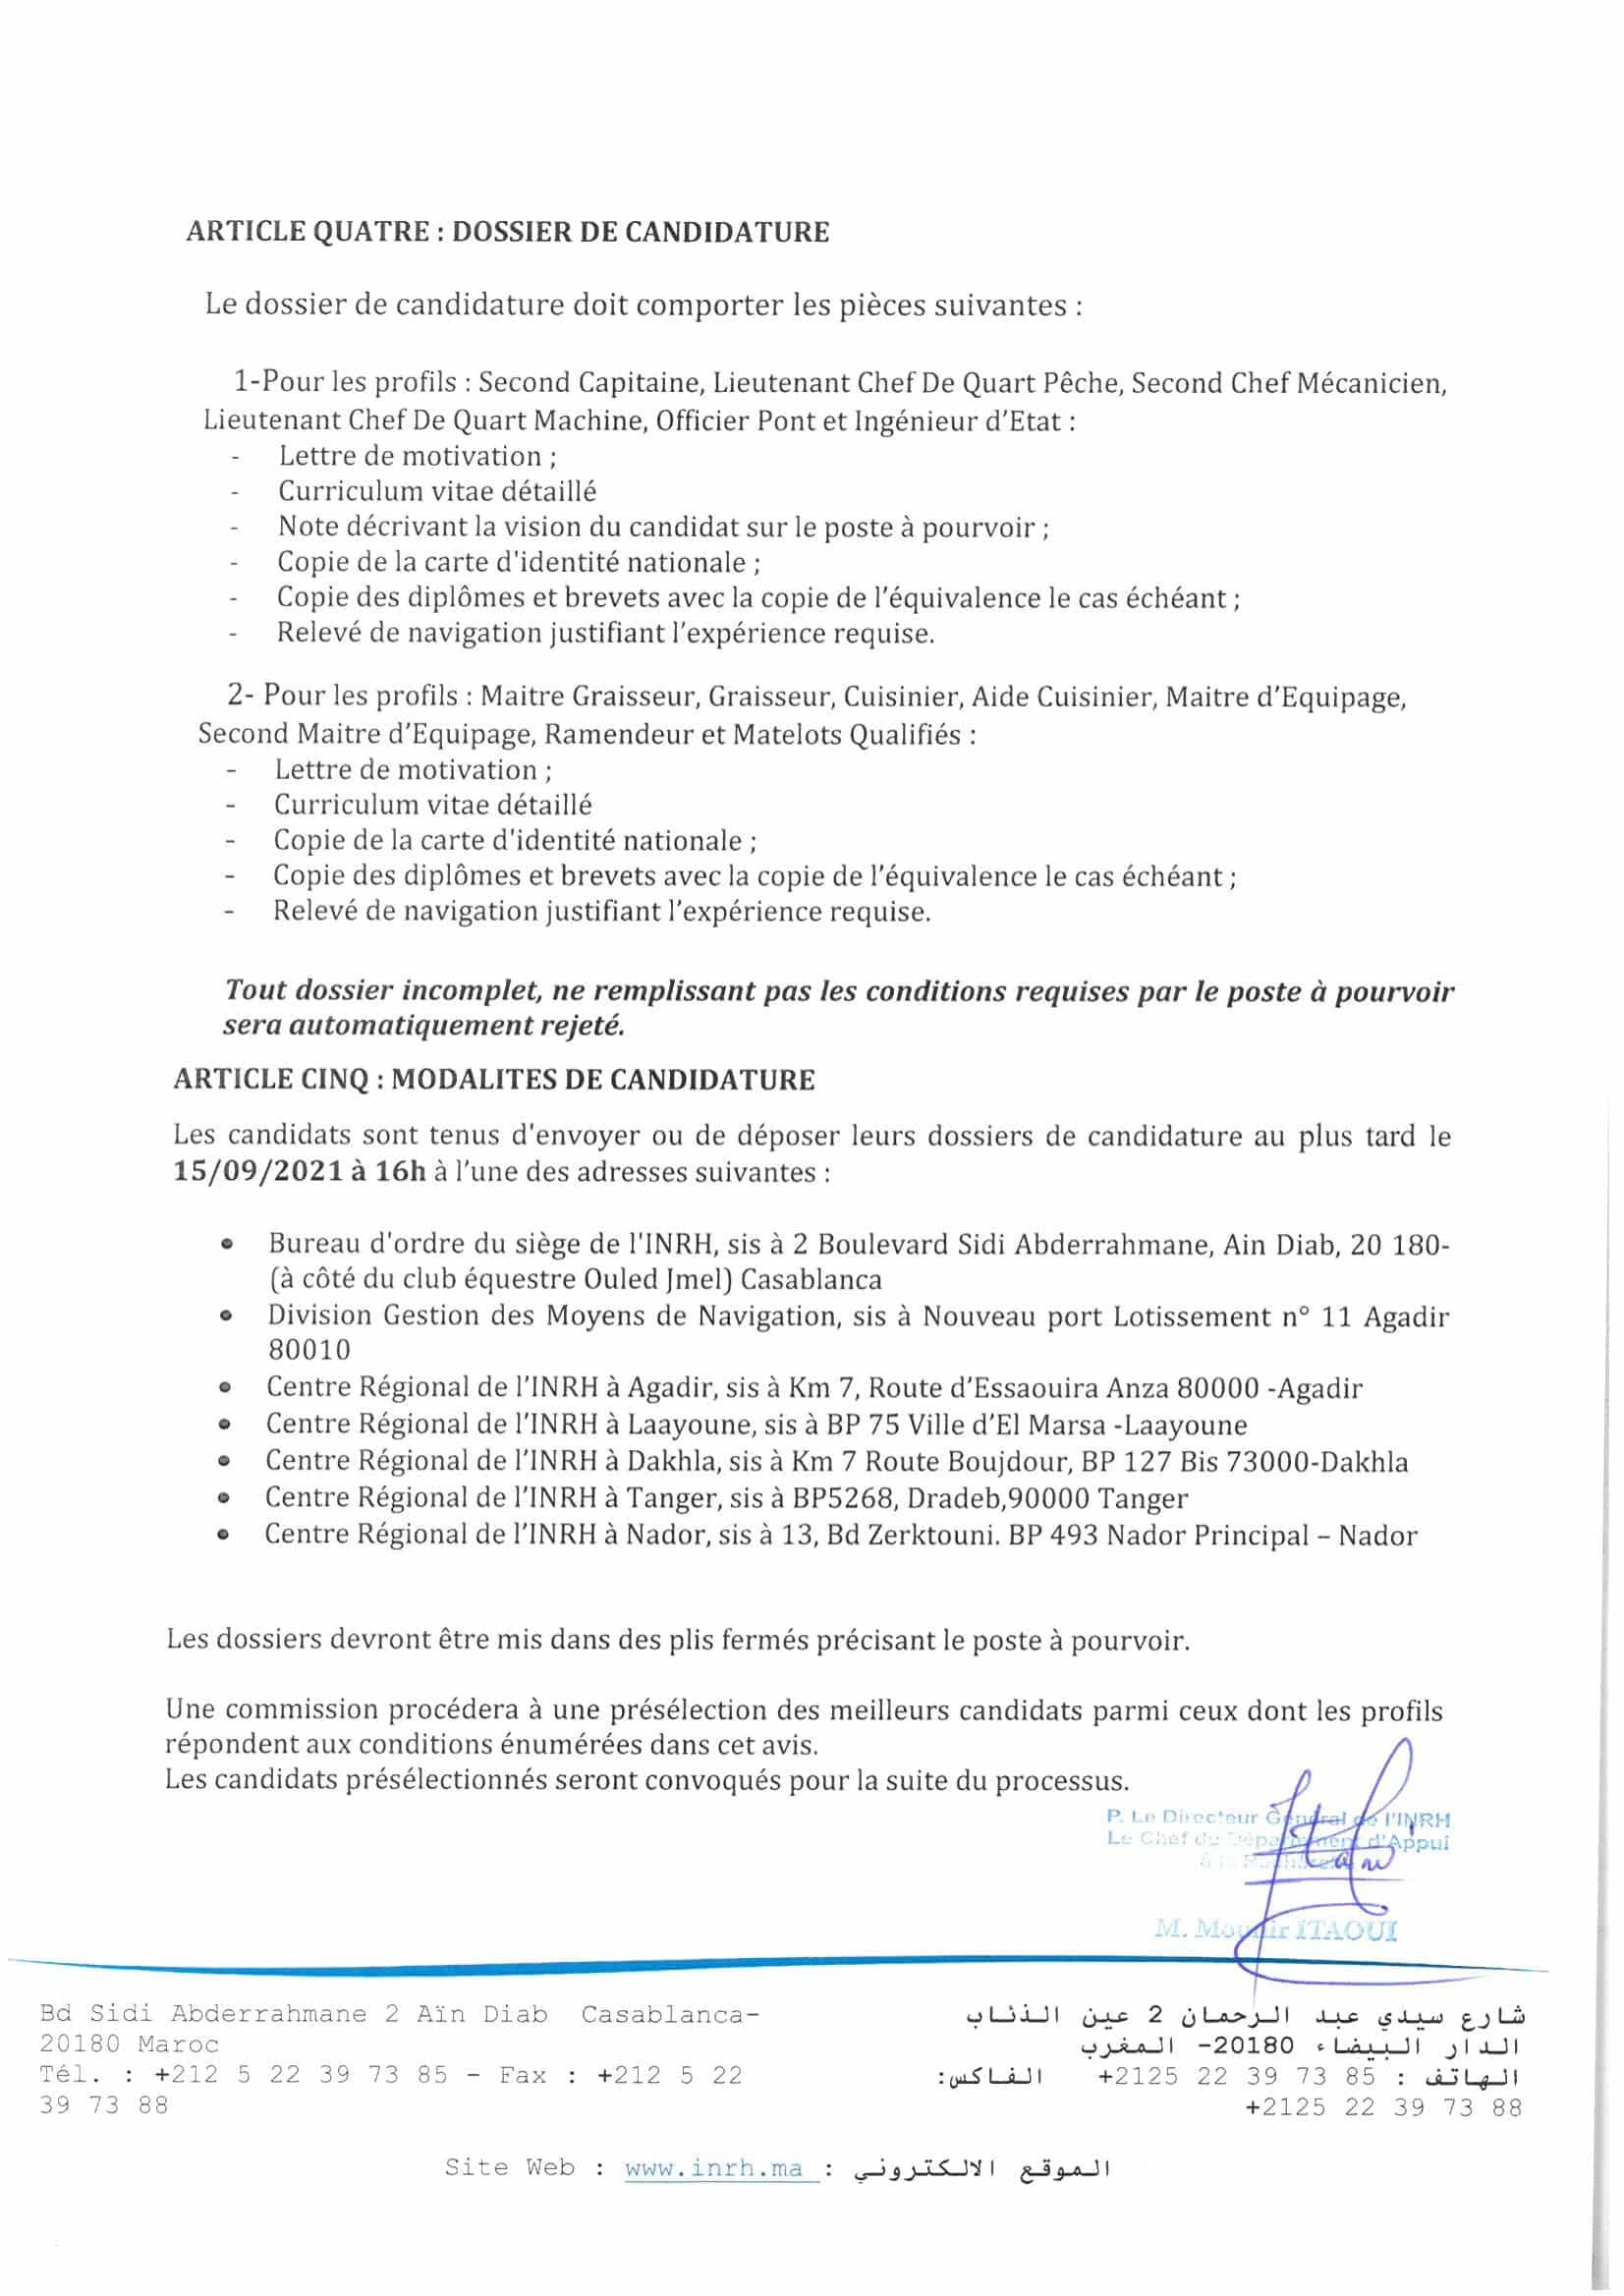 ACrecrutementparcontratN2Navigants 2 Concours Institut National de Recherche Halieutique INRH 2021 (16 Postes)